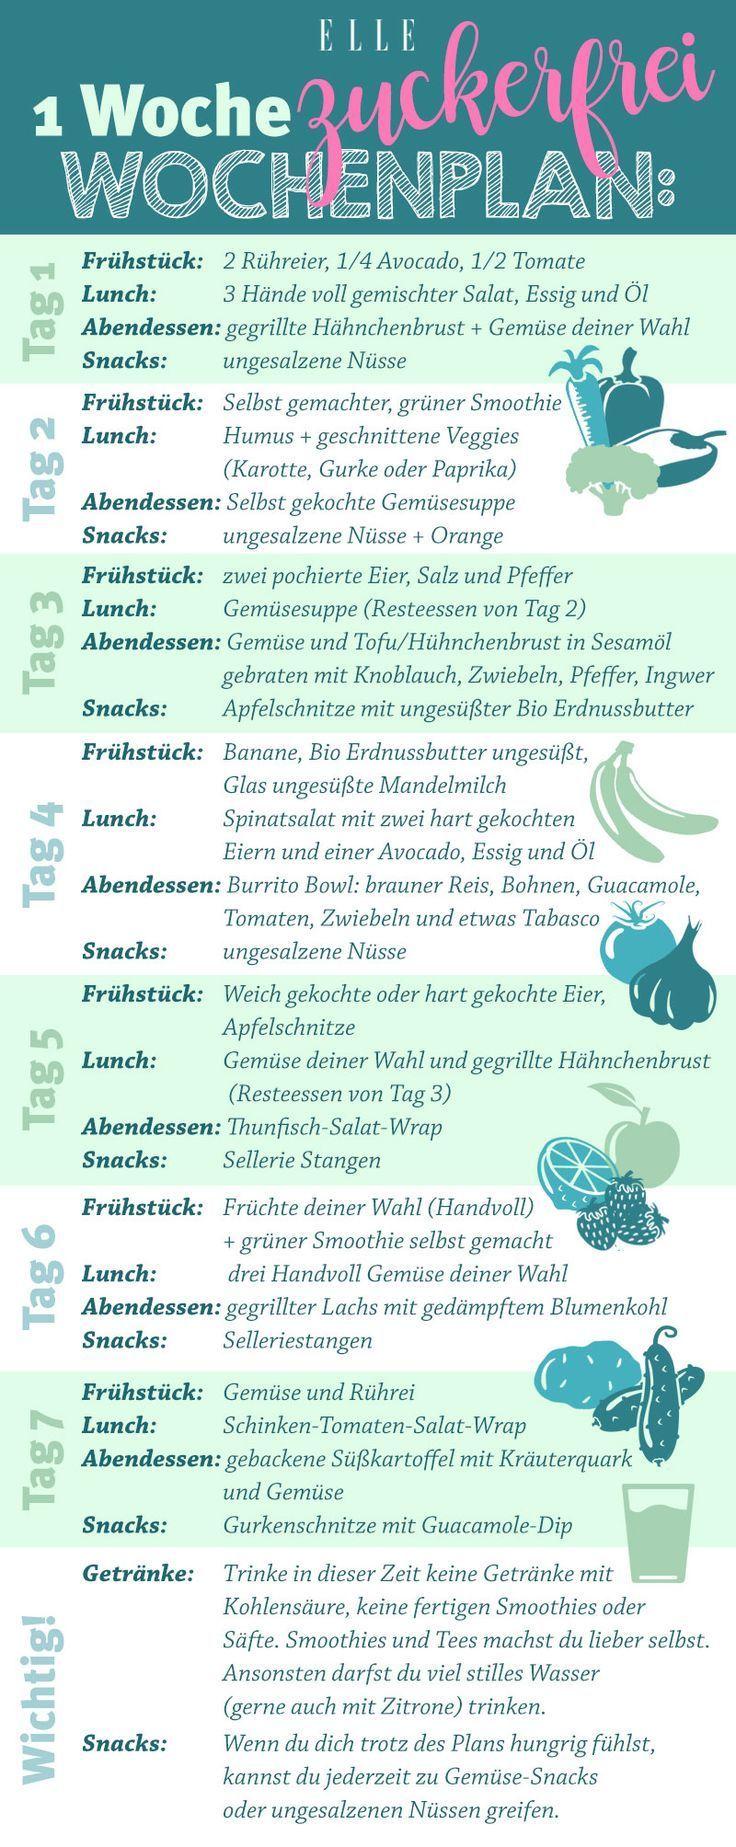 1 Woche zuckerfrei: So klappt das garantiert  – Bleib gesund & munter